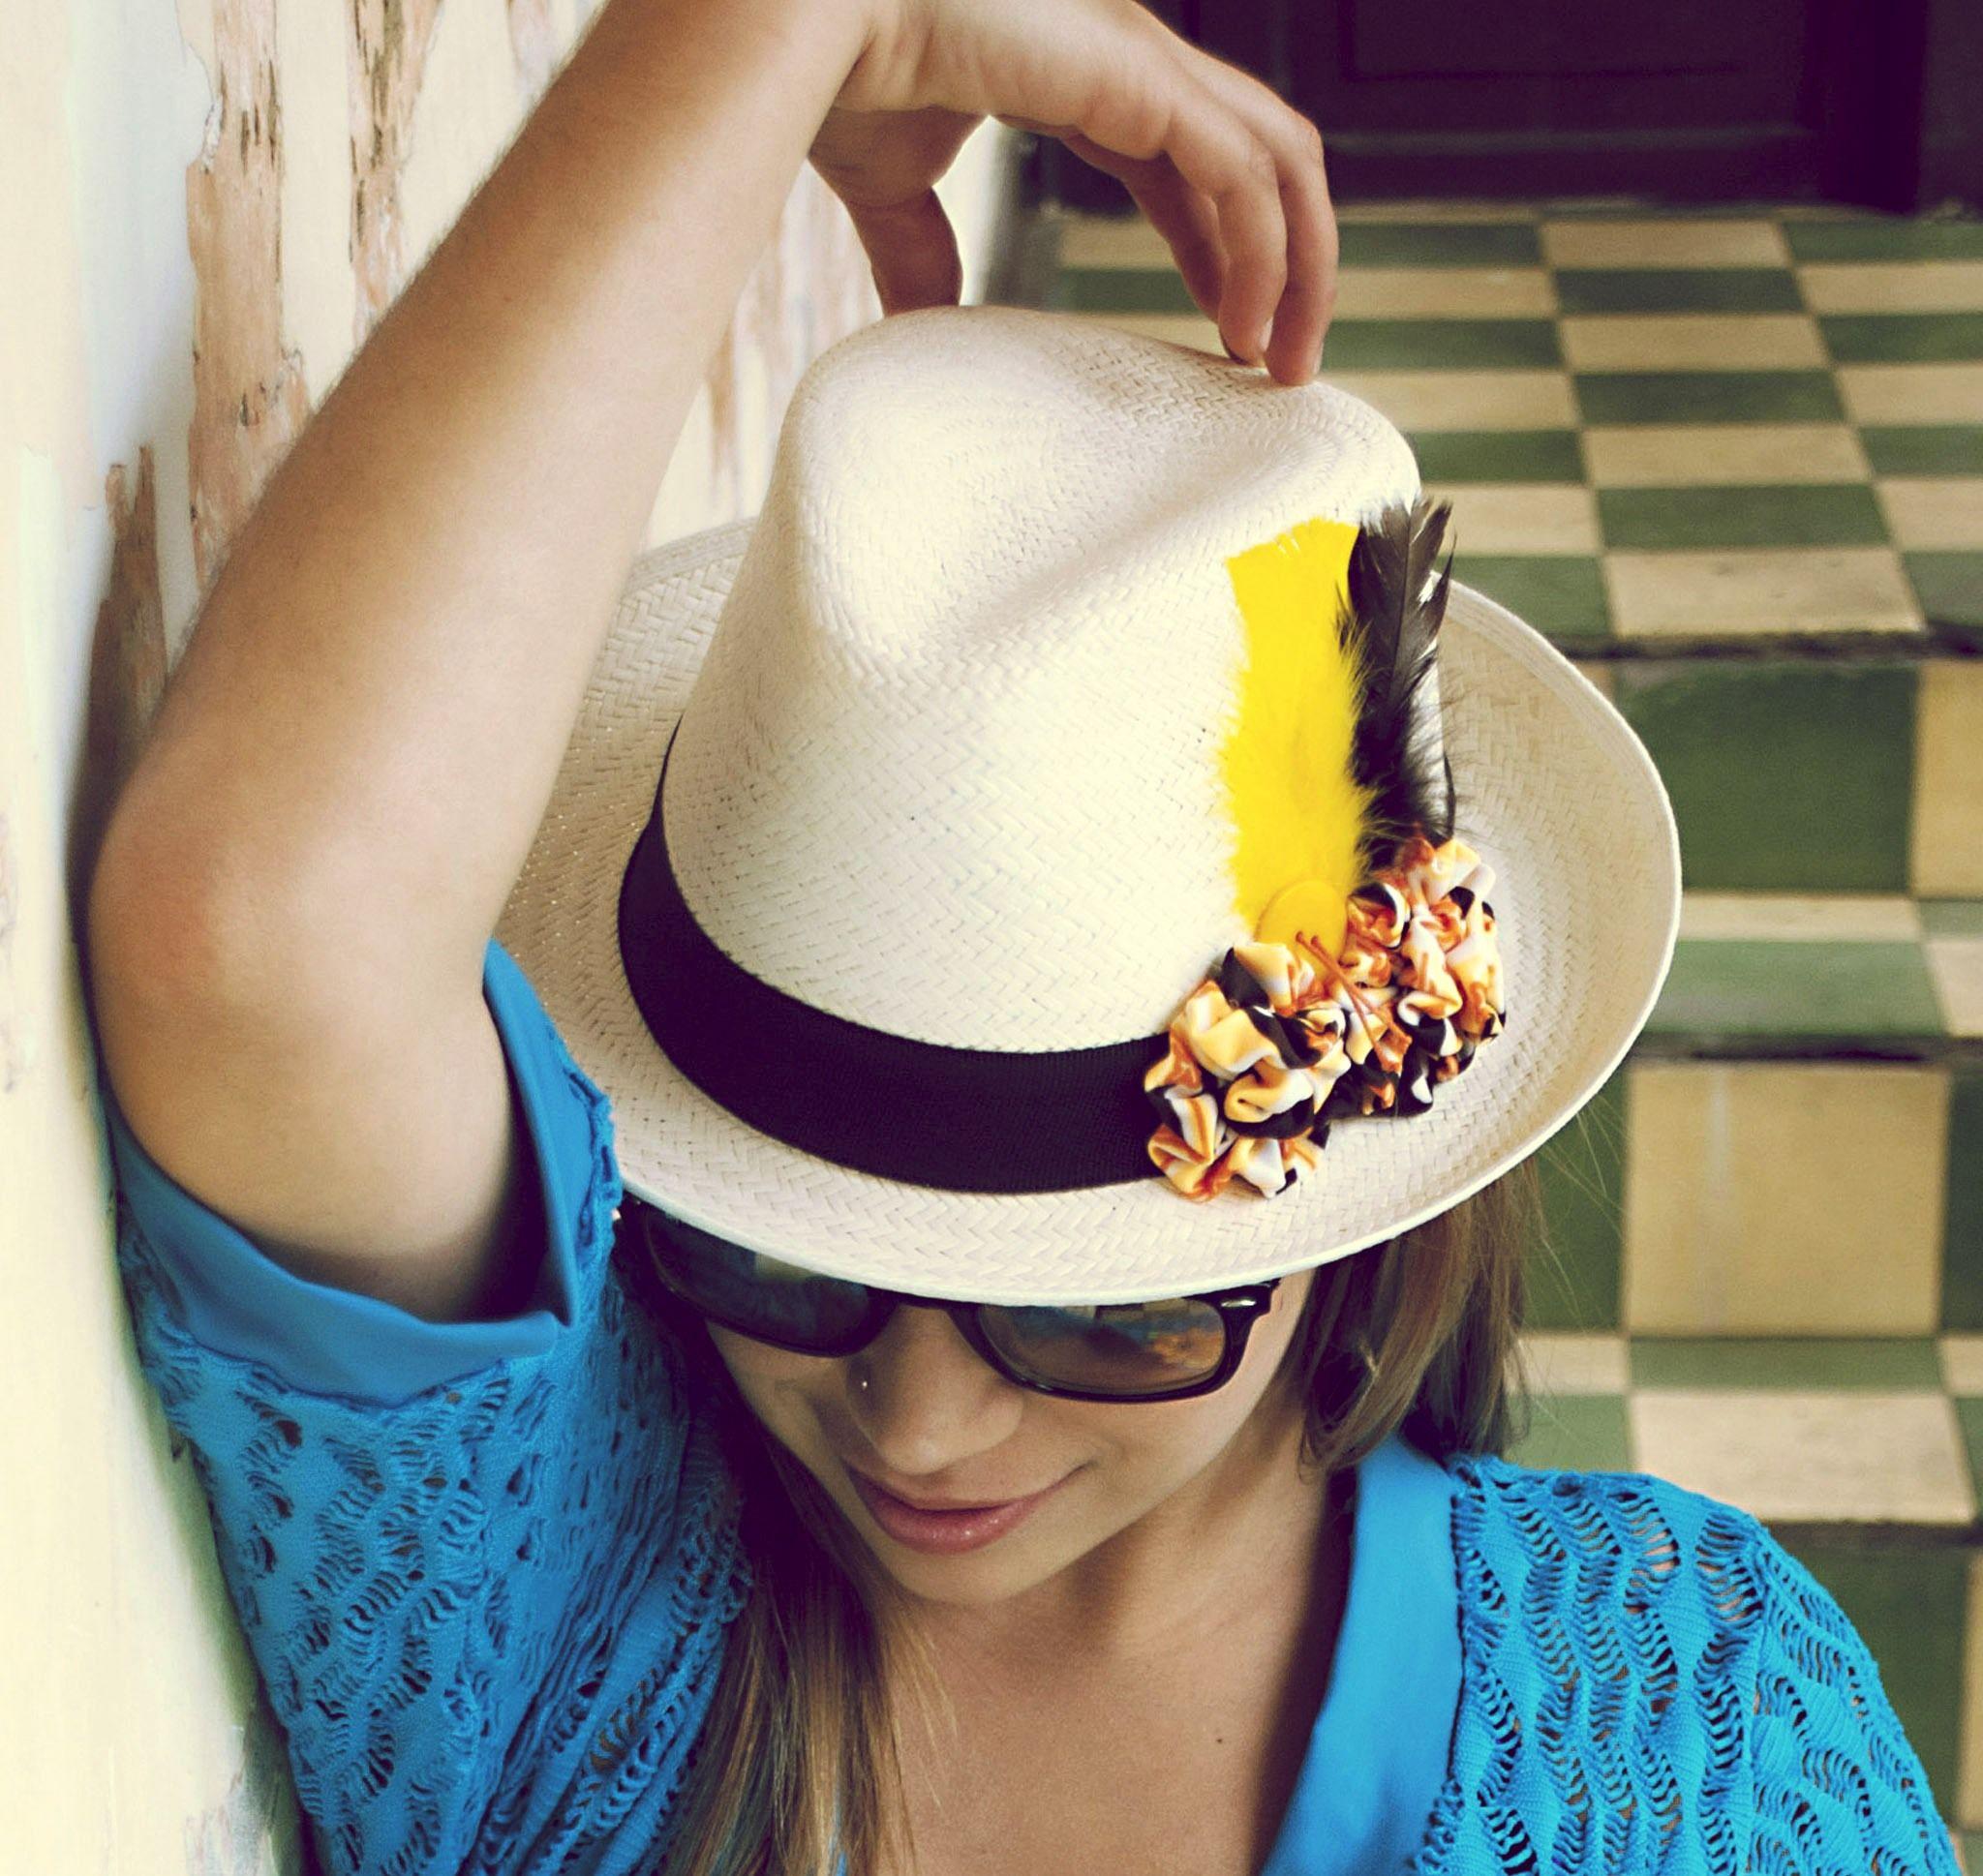 Sombrero panameño con flores amarillas 9be6d2d61a1